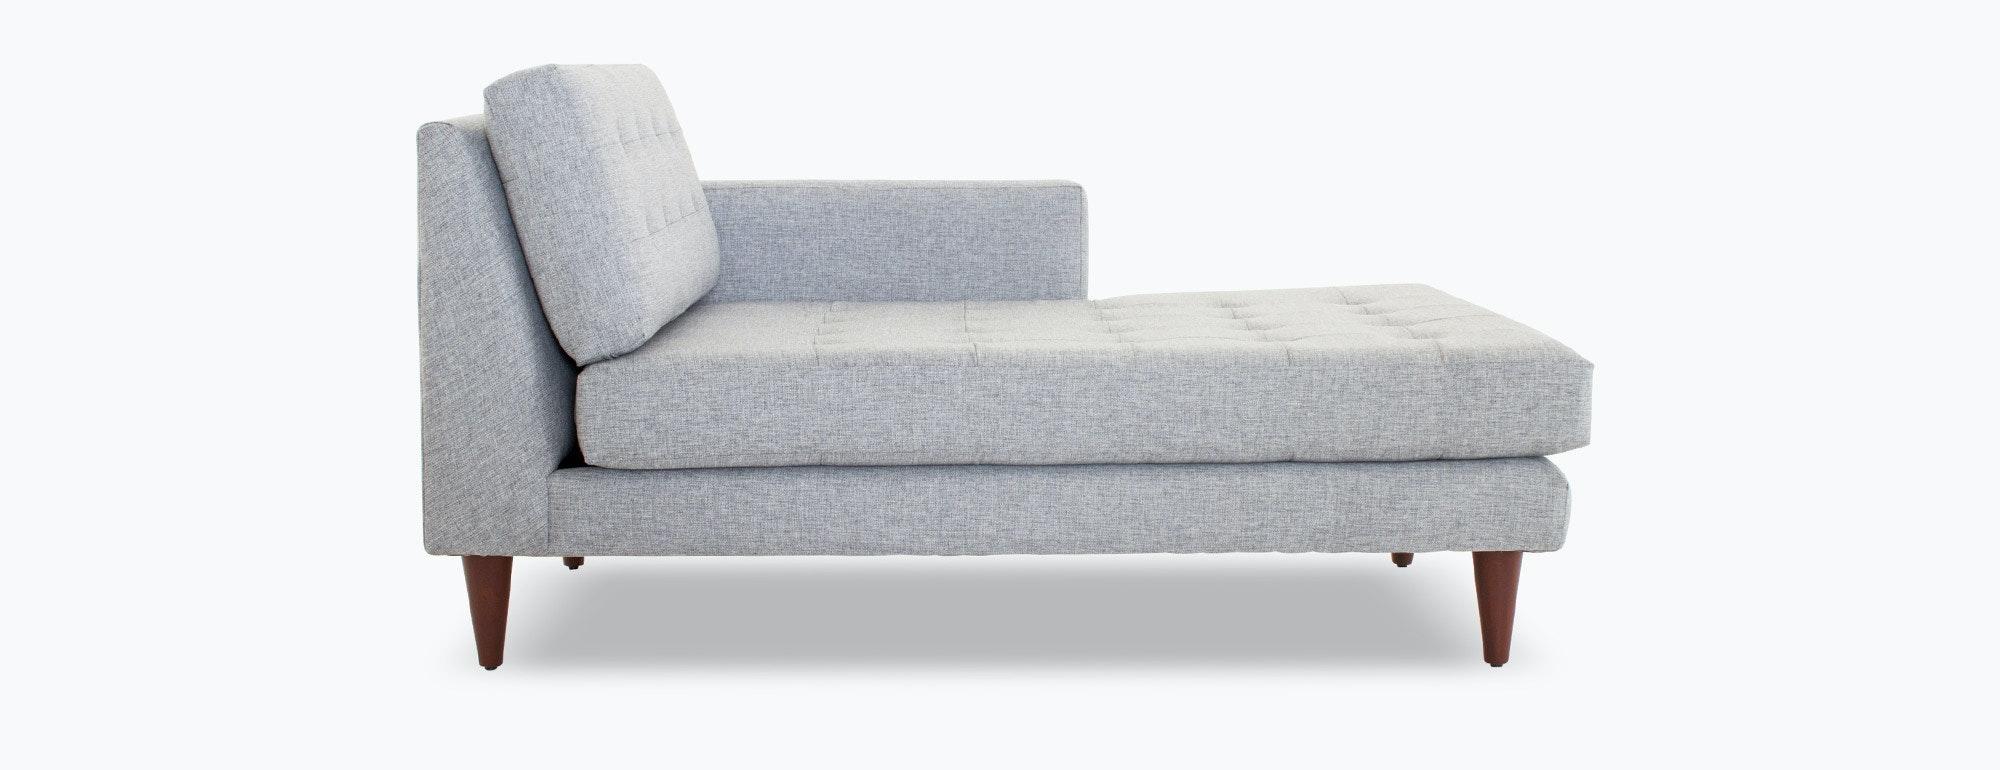 single arm sofa thesofa